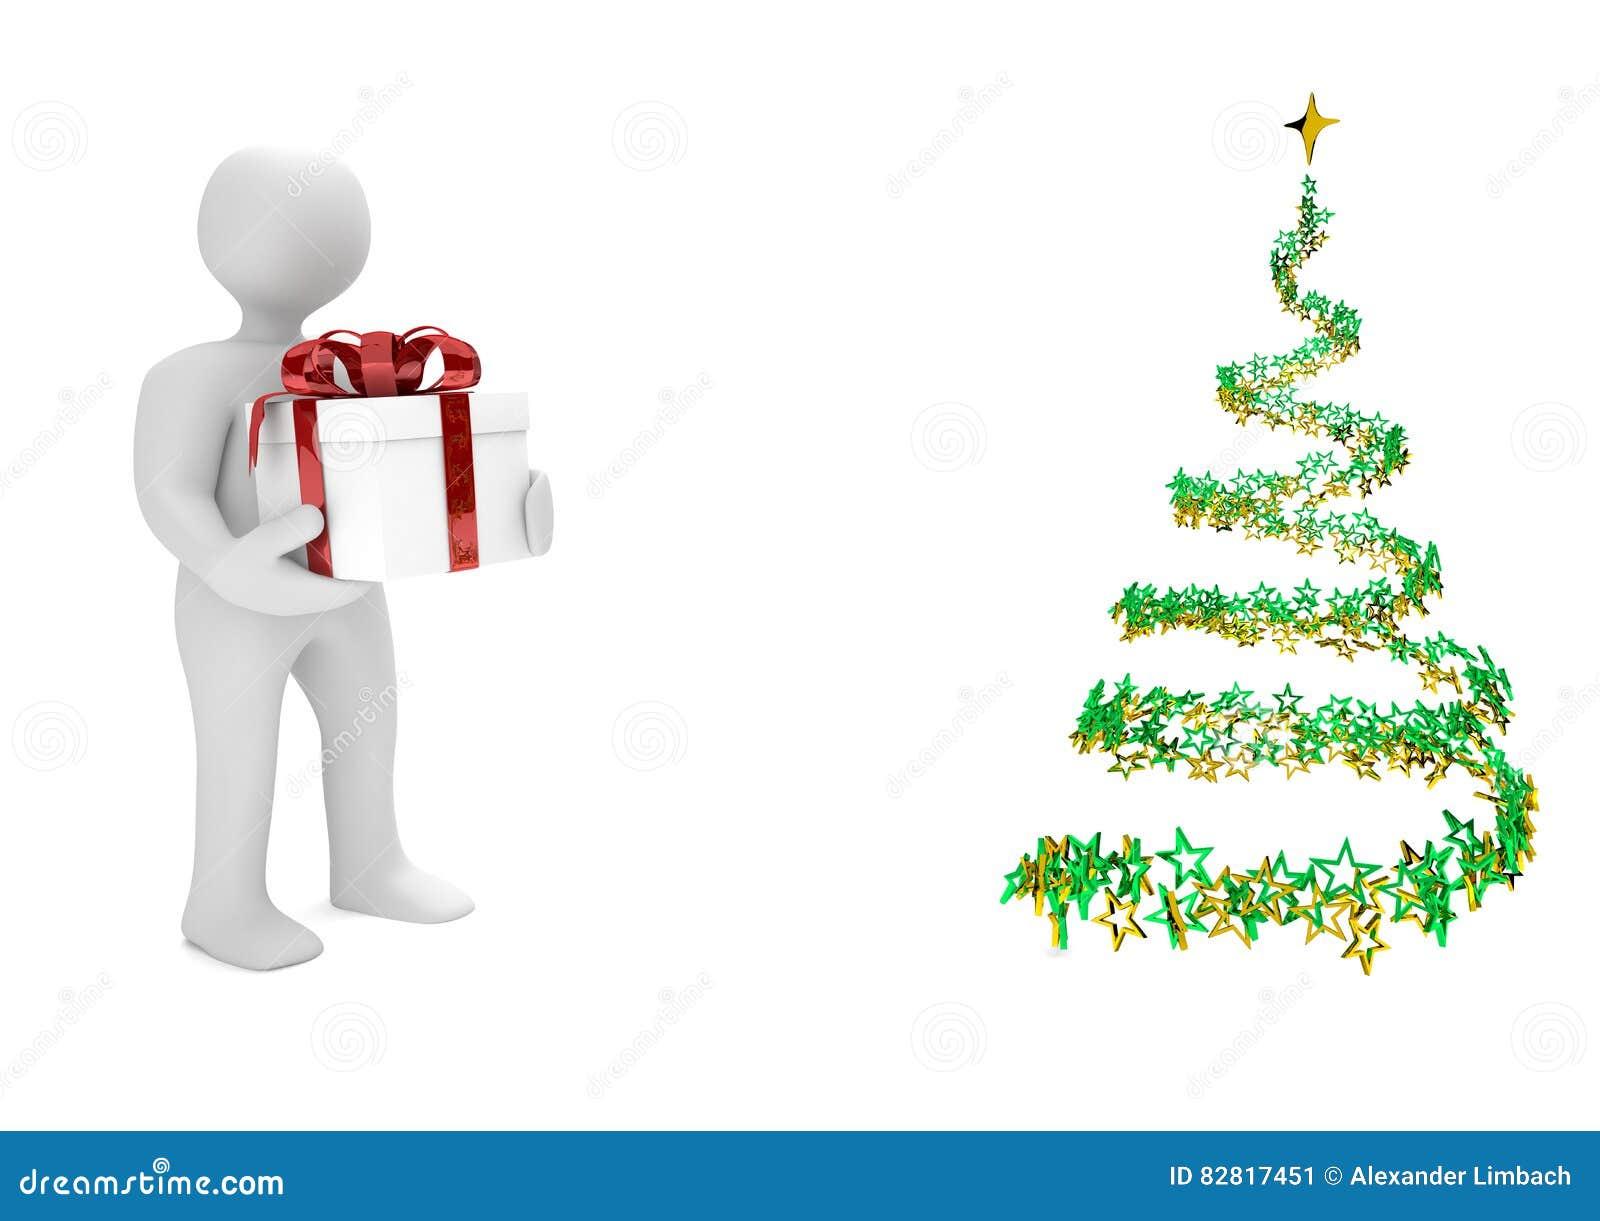 Sterne Für Weihnachtsbaum.Männchen Karton Weihnachtsbaum Sterne Stock Abbildung Illustration